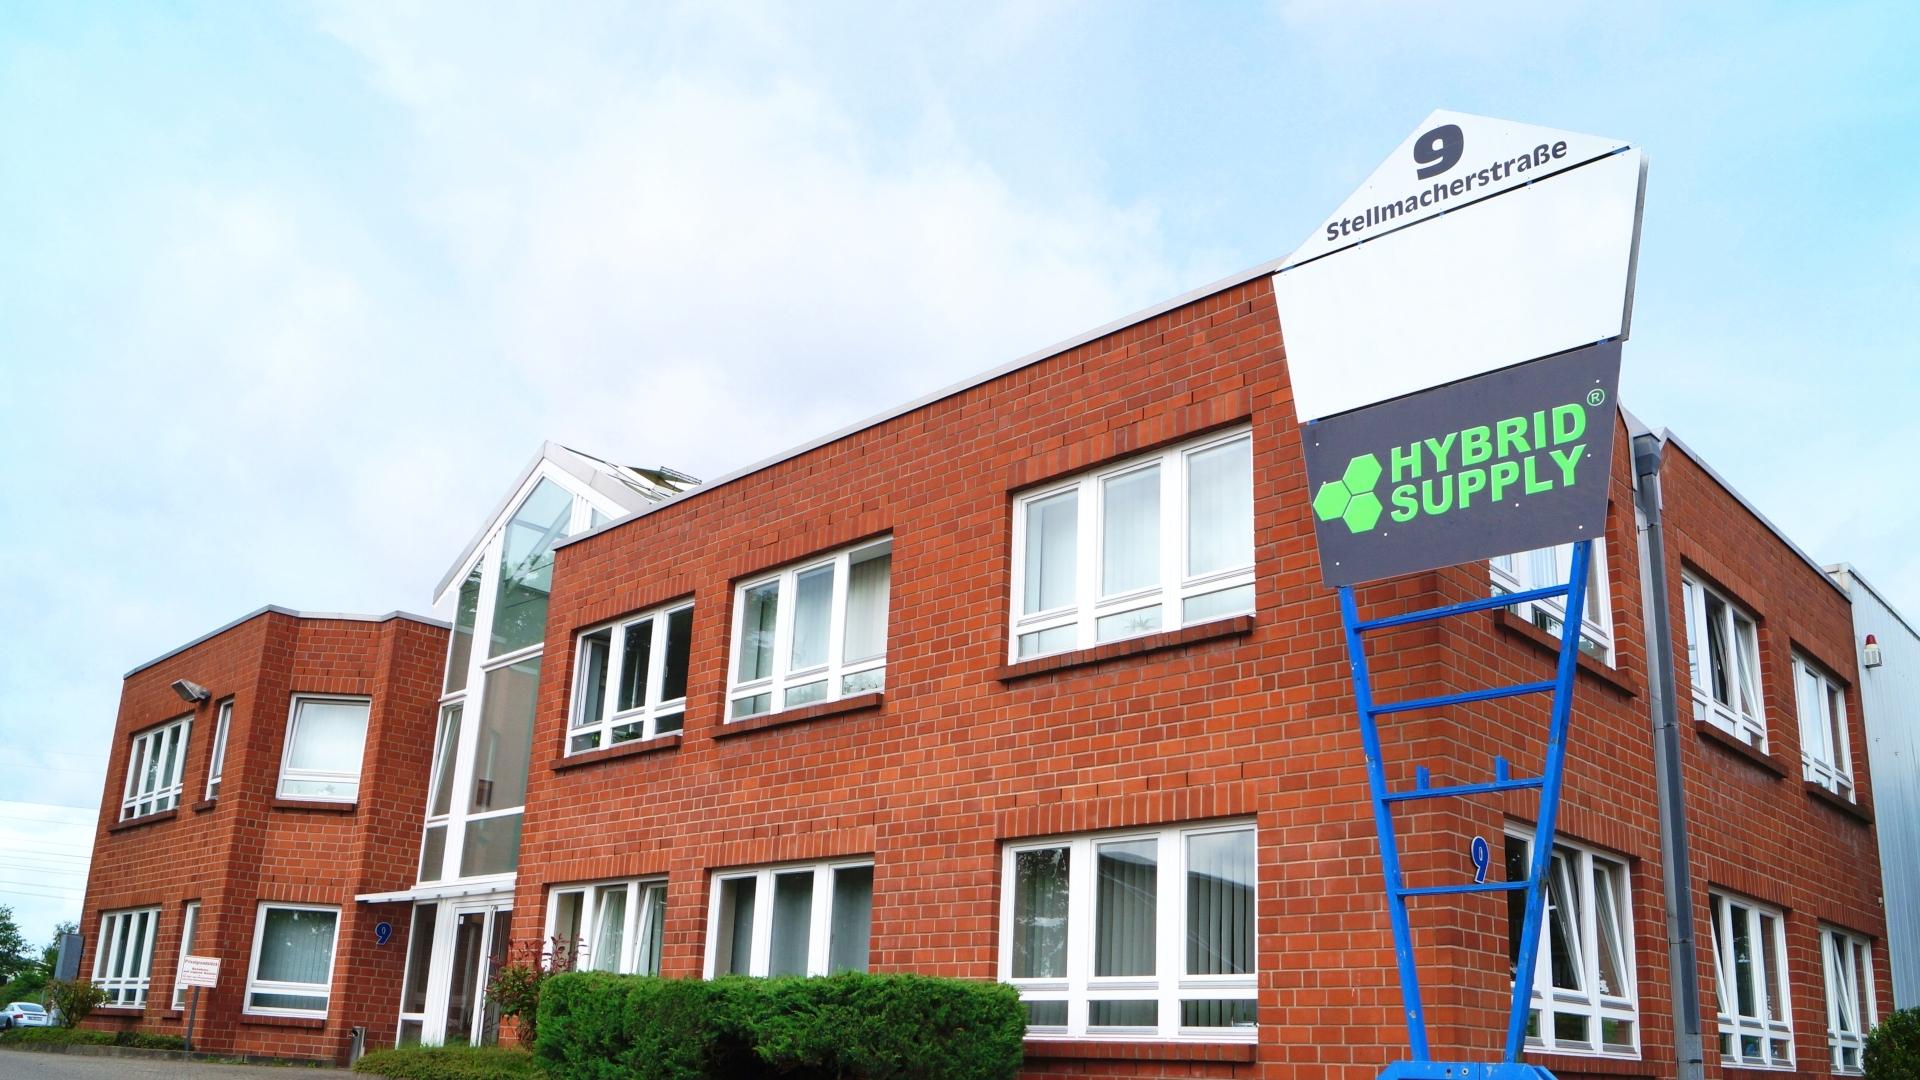 HybridSupply in 2013